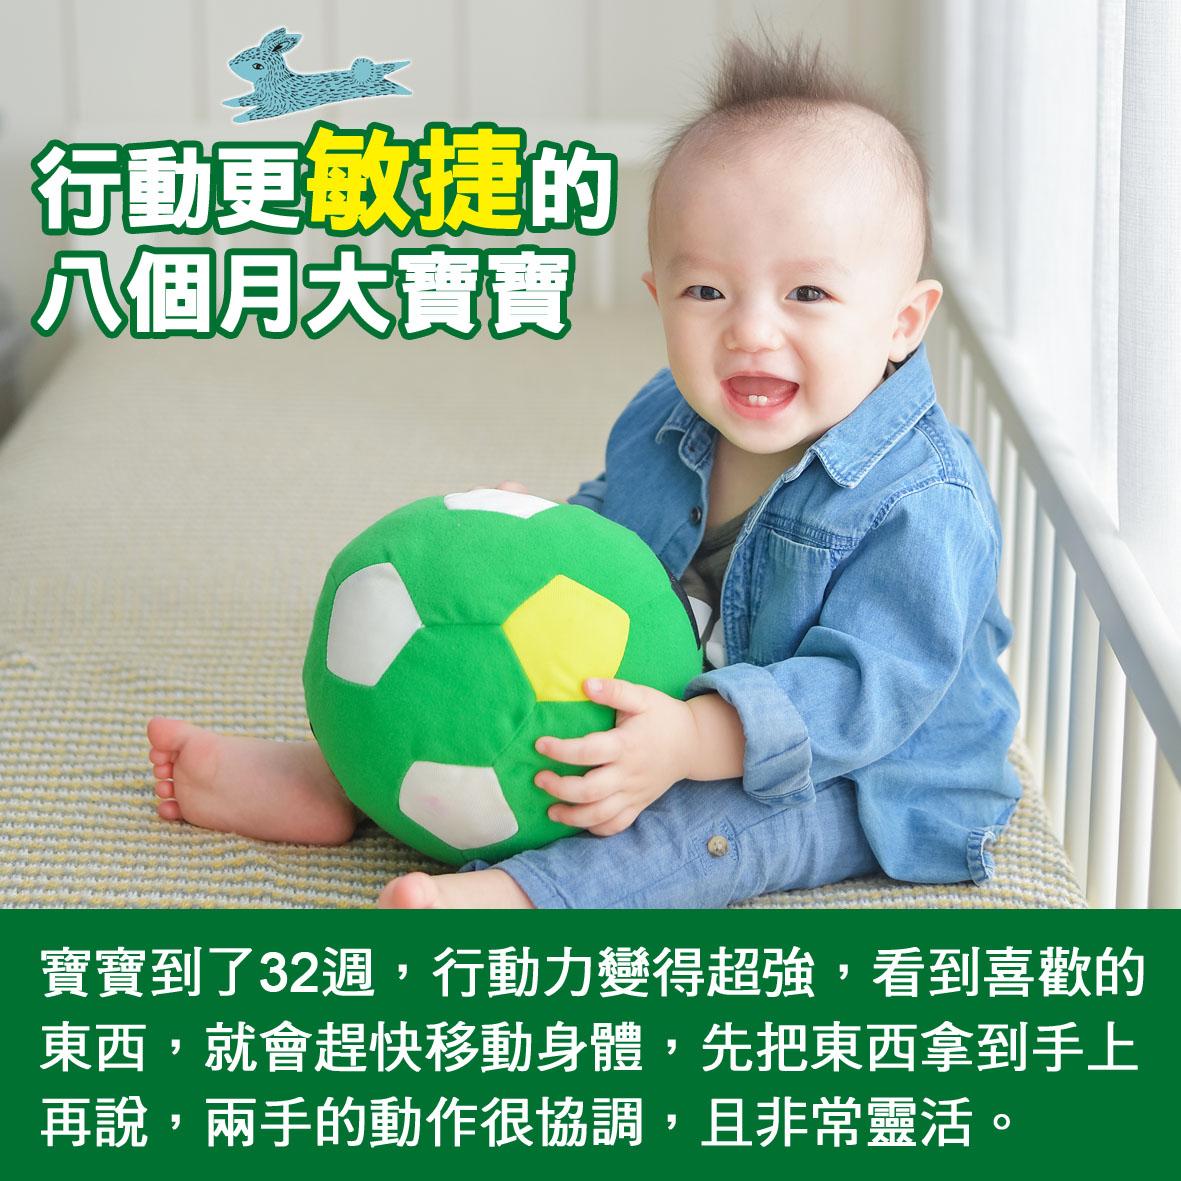 寶寶篇第32週-行動更敏捷的八個月大寶寶